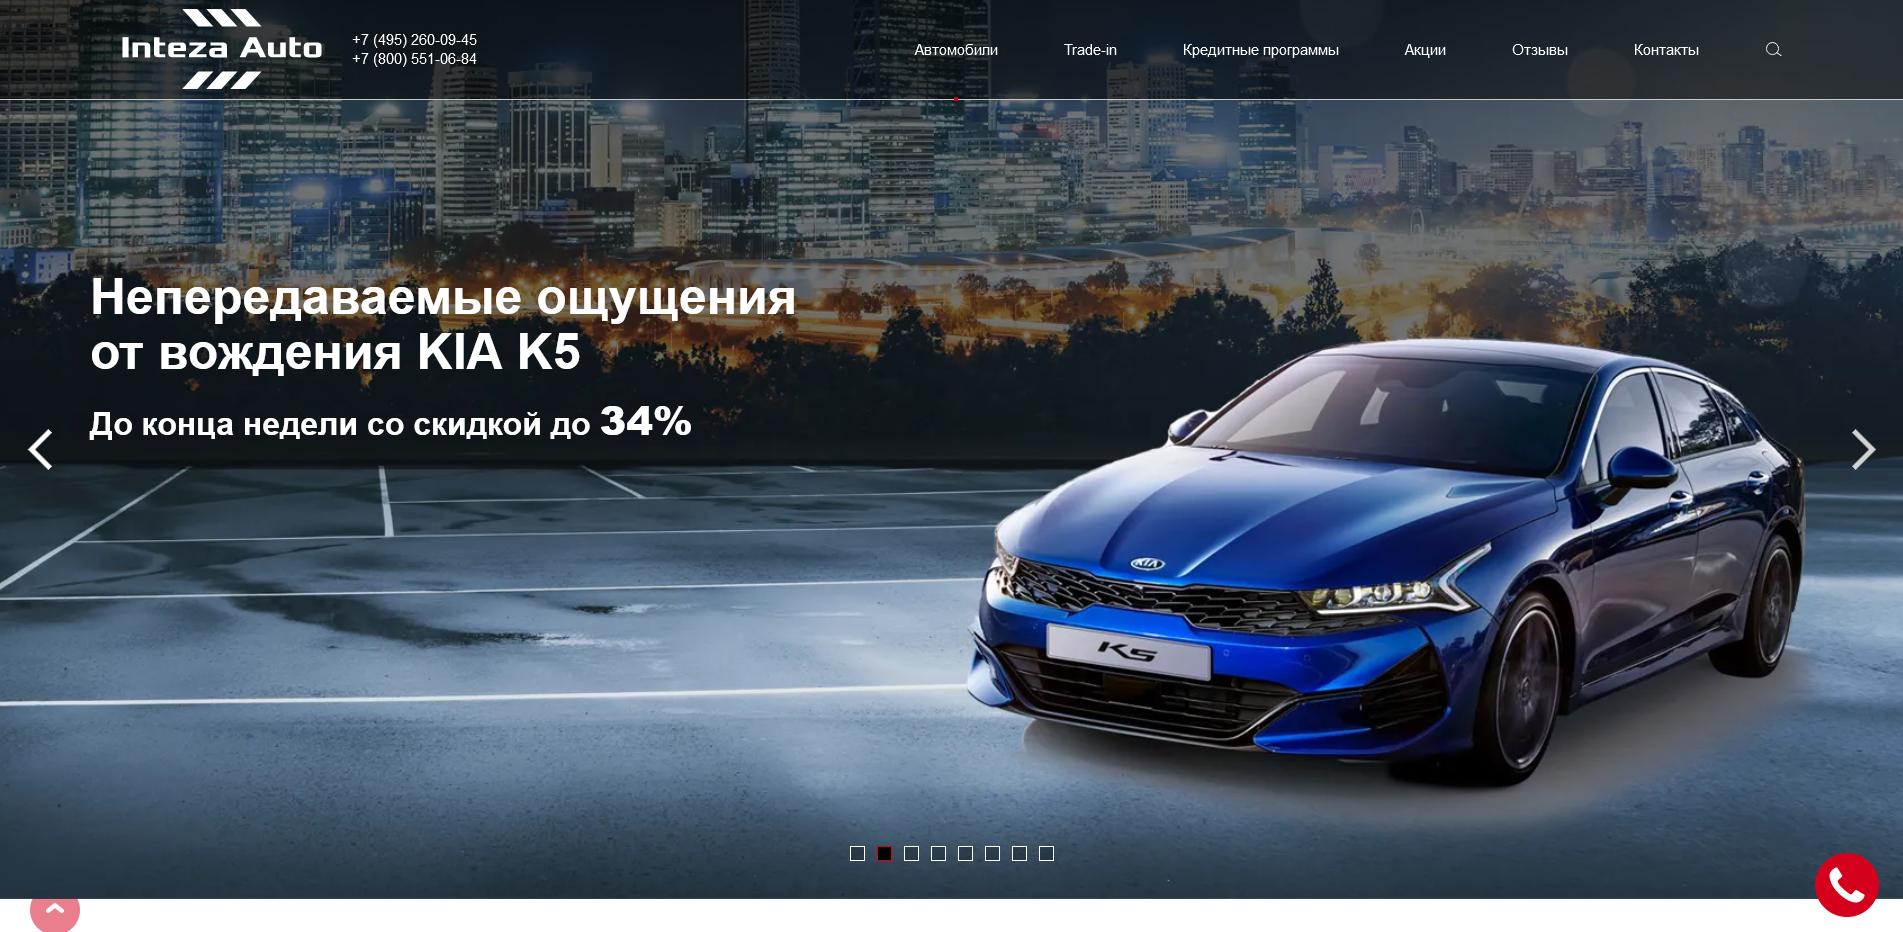 Официальный сайт Inteza Auto